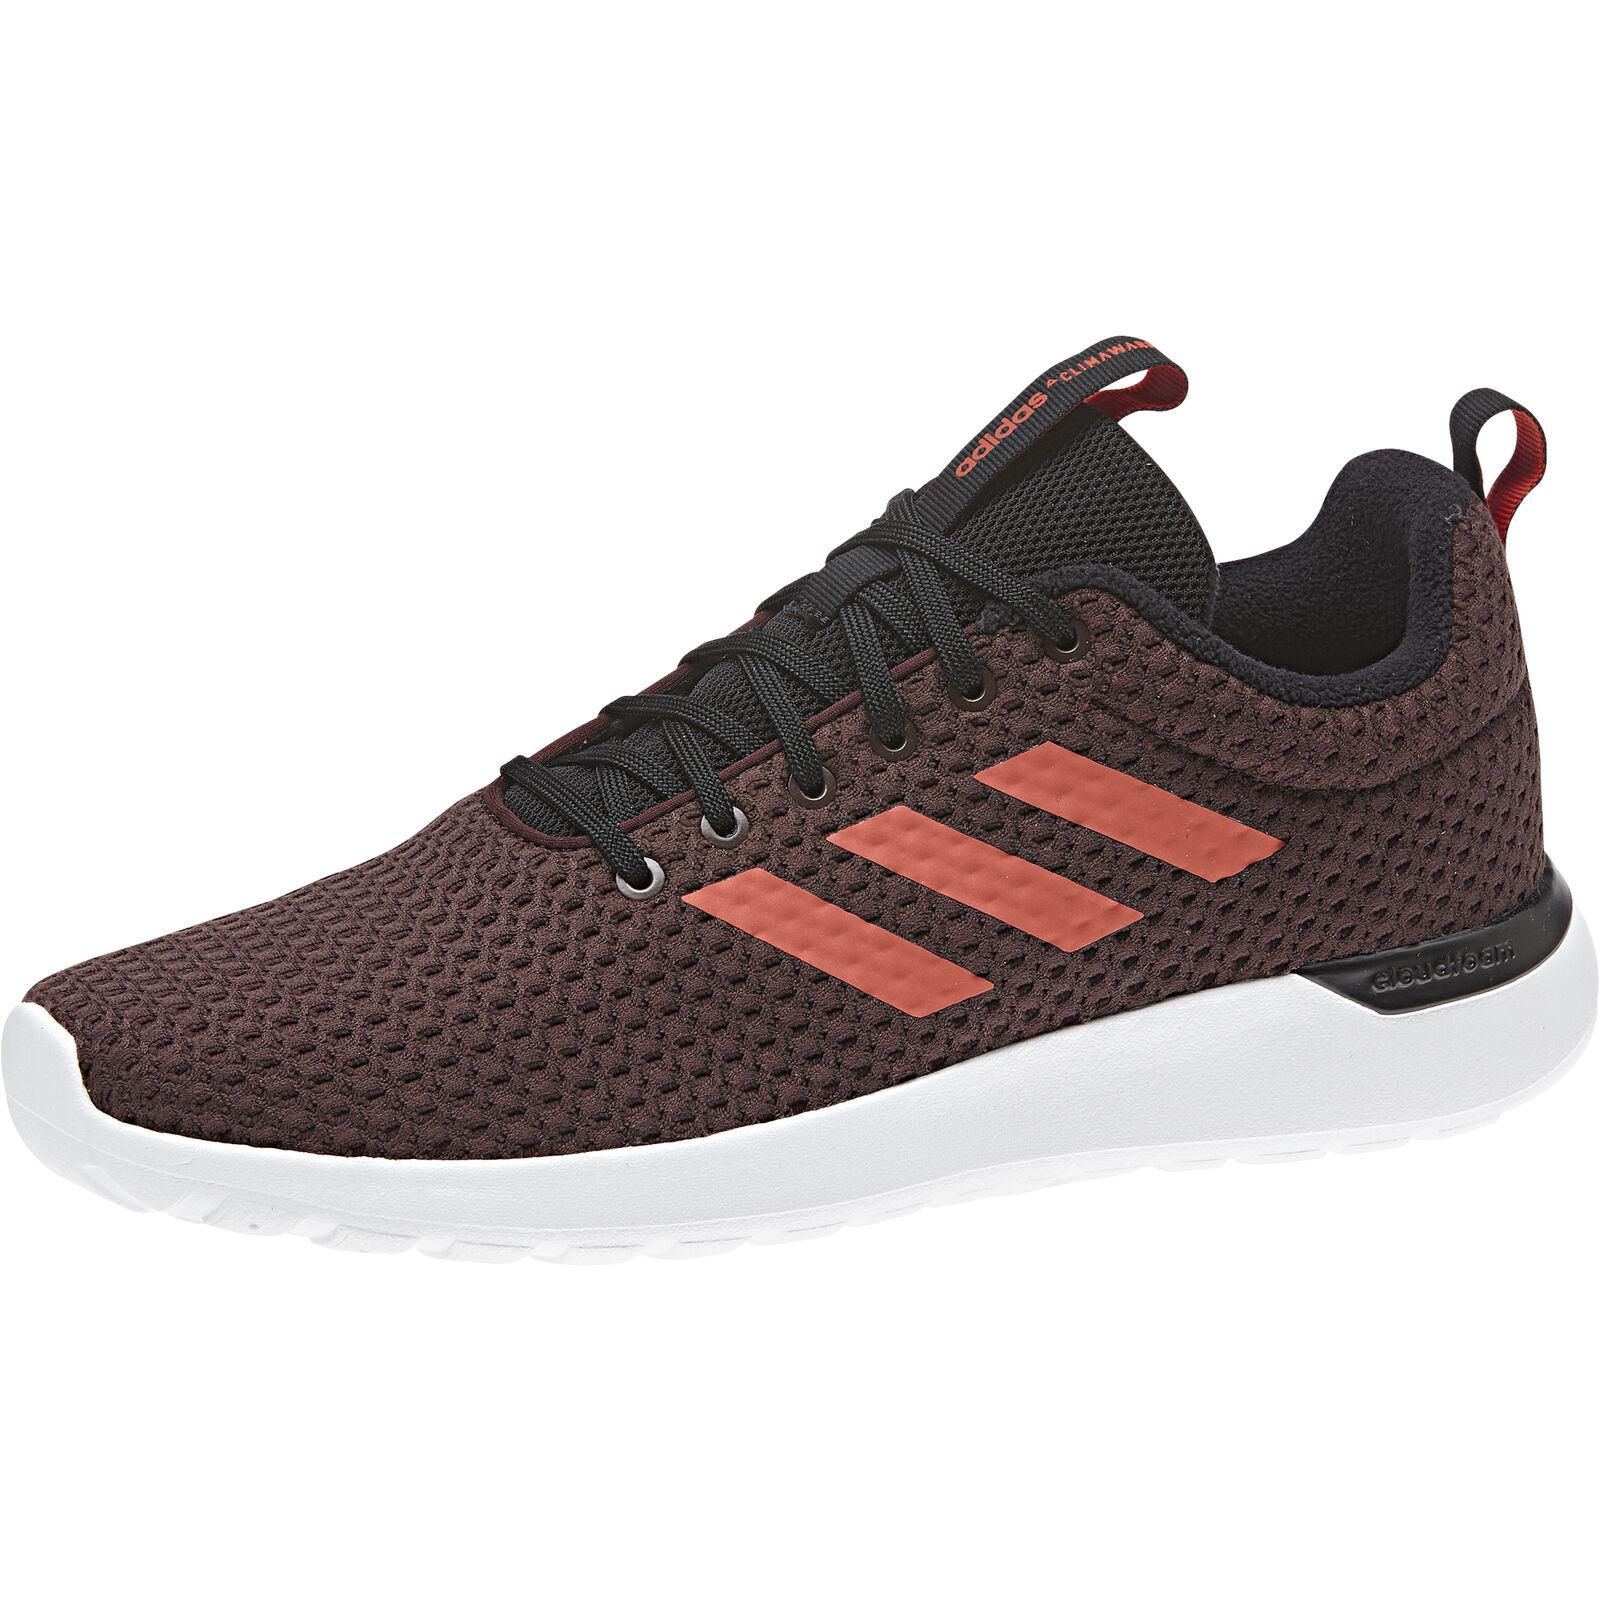 Adidas Sportschuhe LITE RACER CLN  Laufschuhe Runningschuhe Turnschuhe Turnschuhe